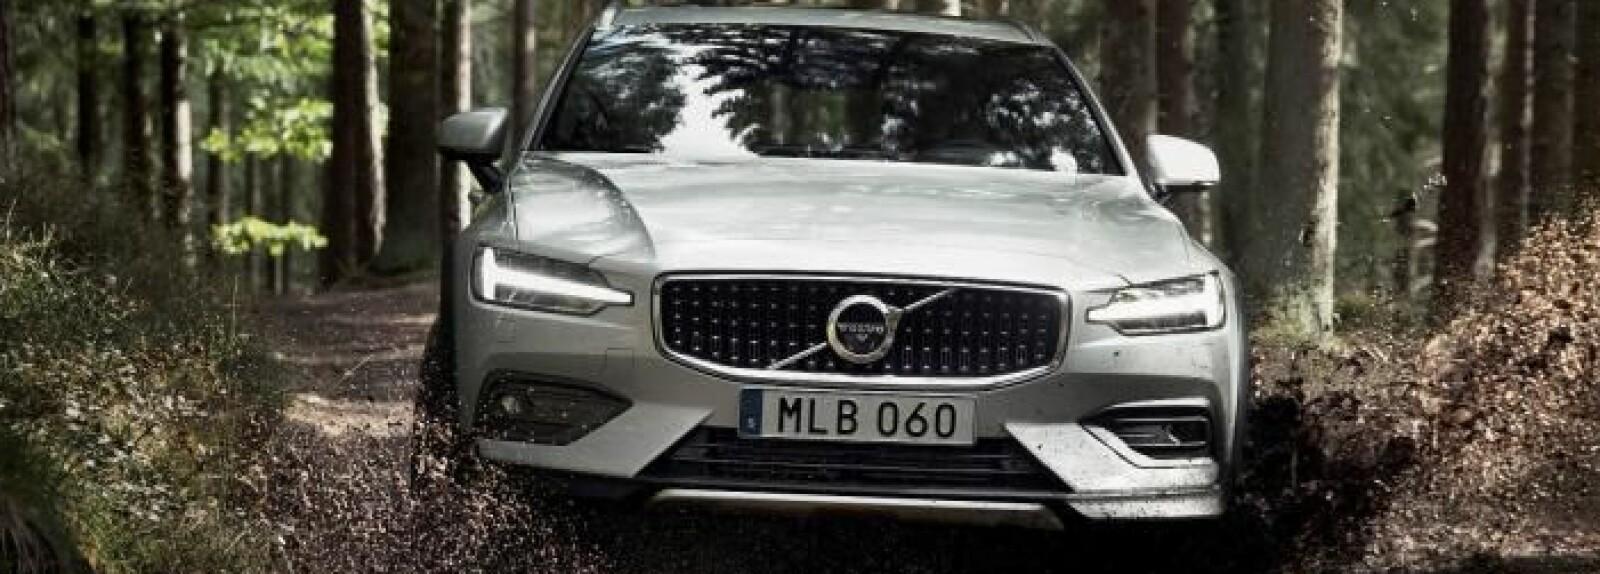 VOLVO V60: Nye Volvo V60 slaktes av Jermy Clarkson - hovedsaklig på grunn av en slapp dieselmotor.